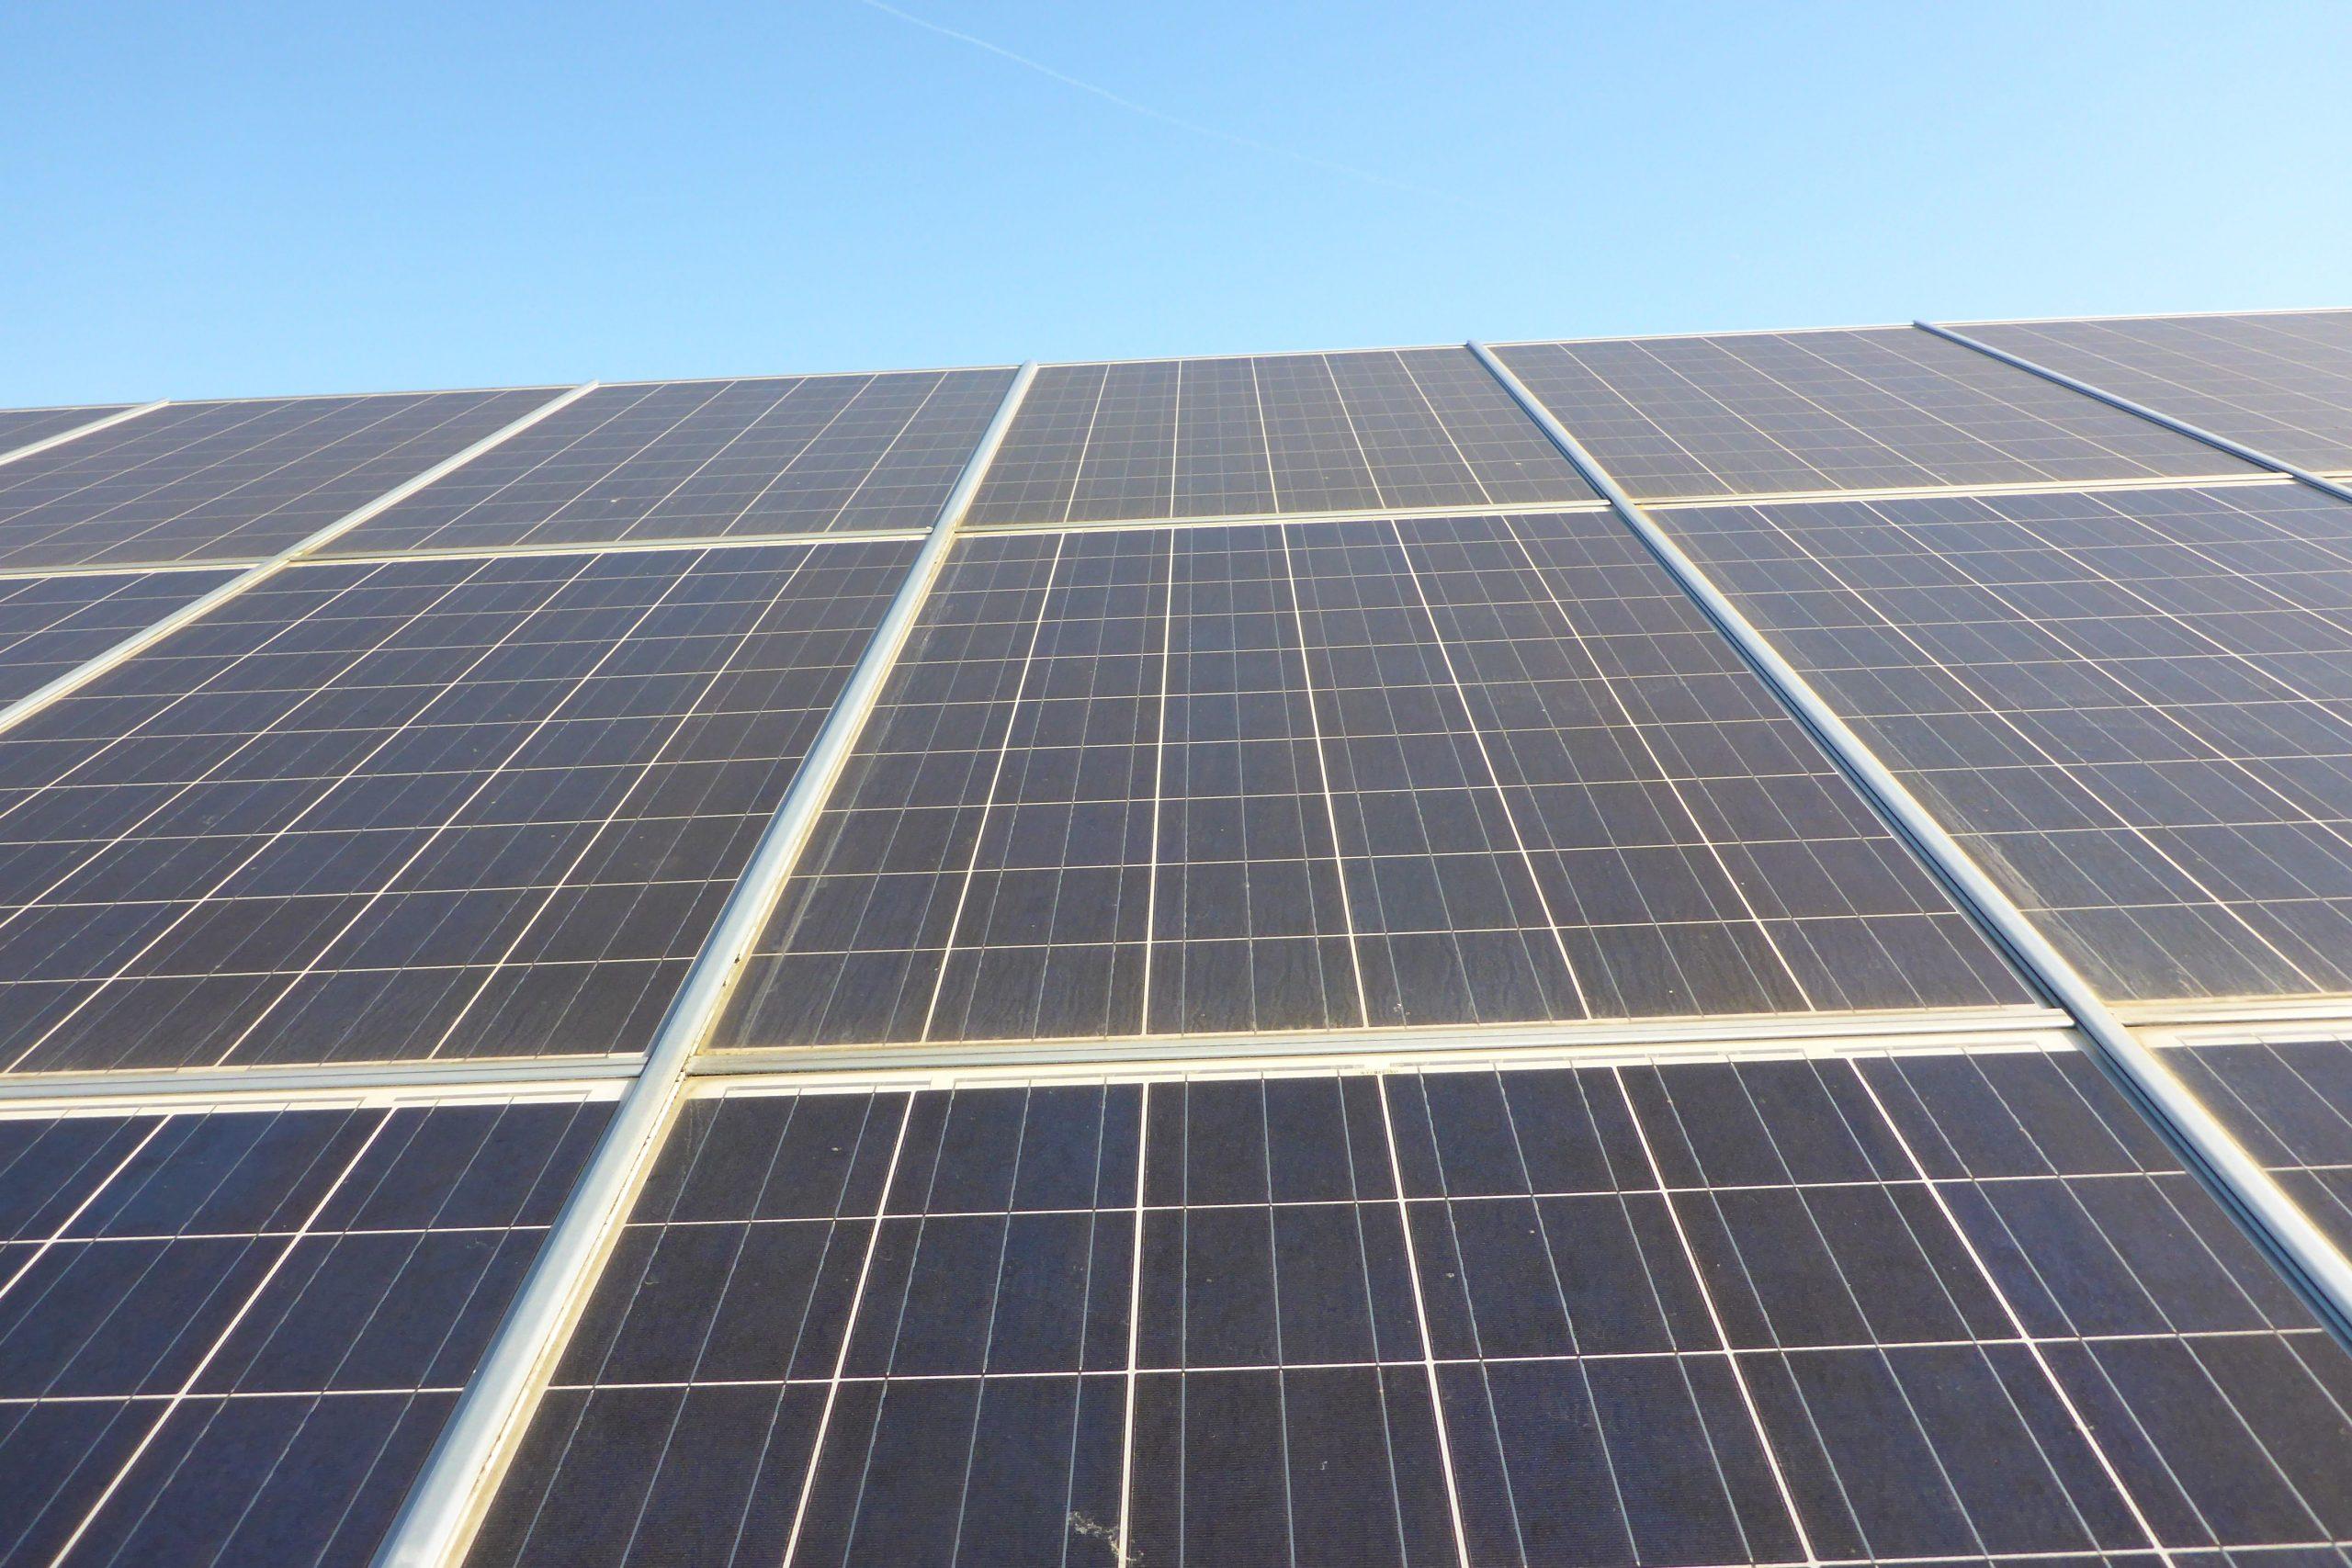 verschmutztes Photovoltaikmodul